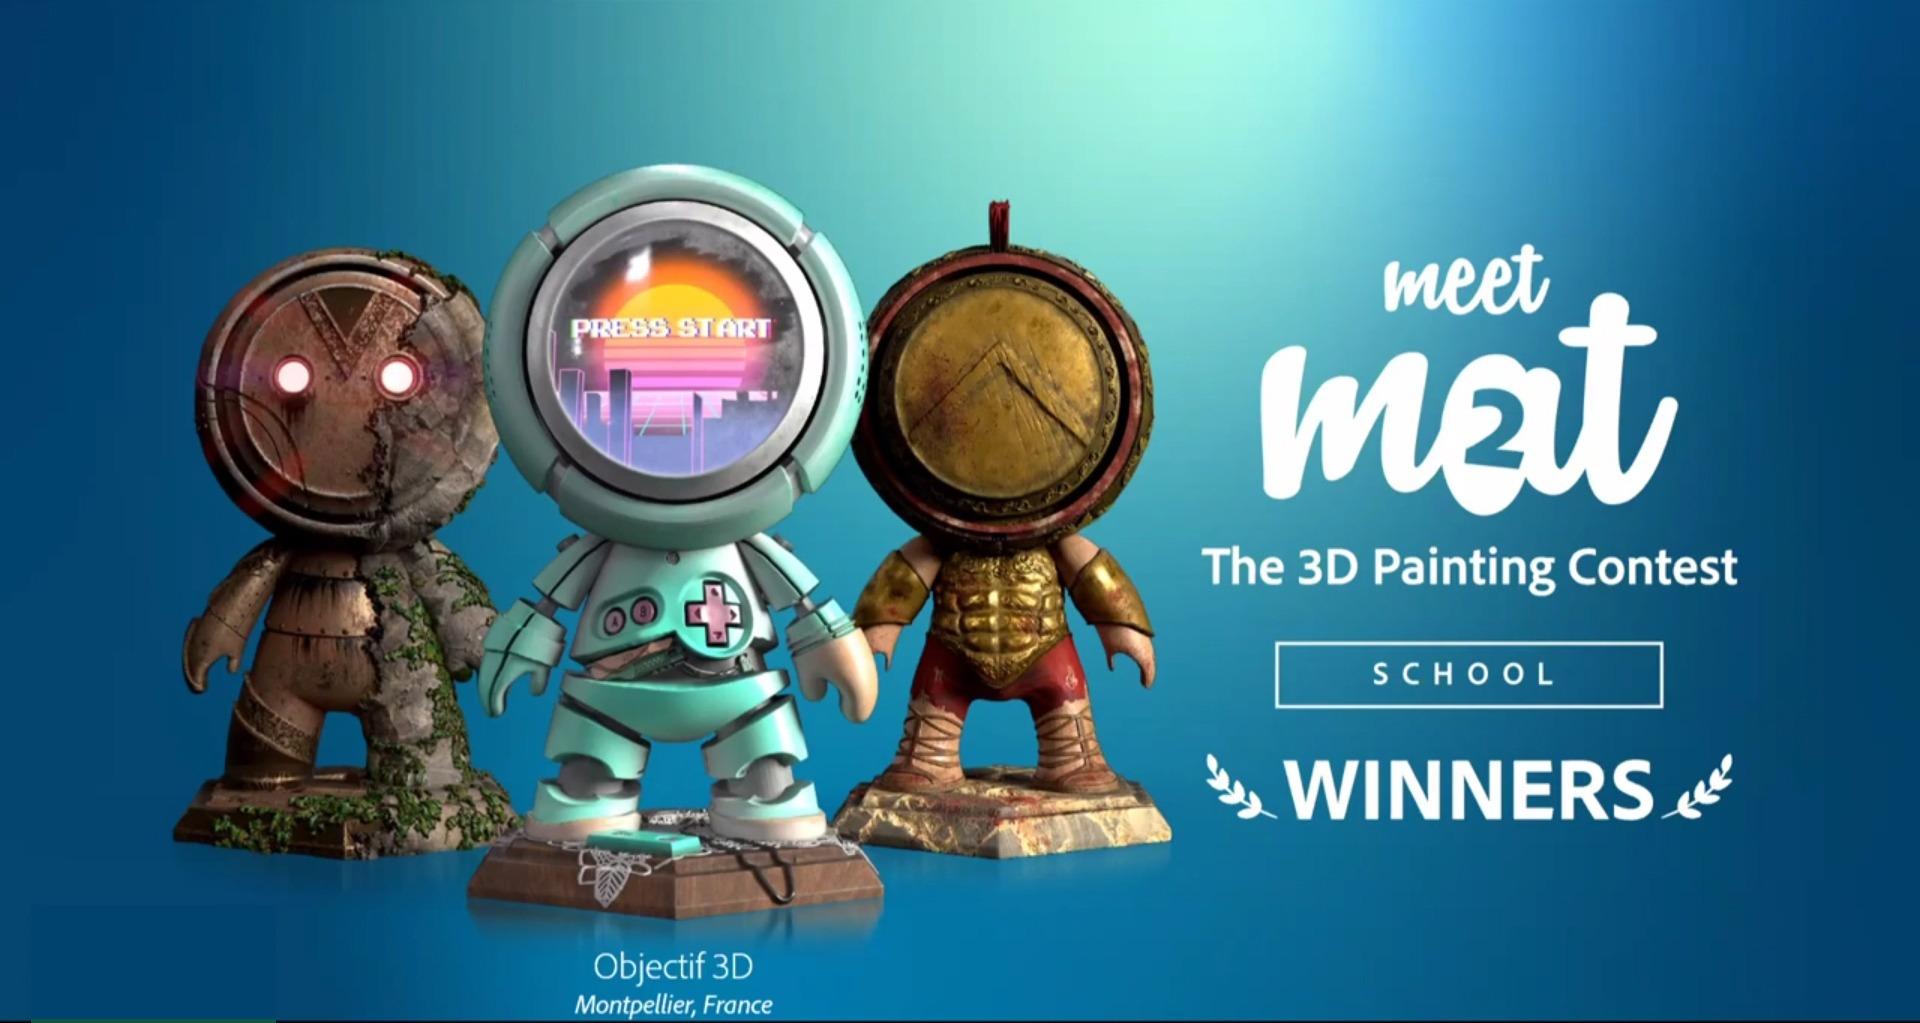 Objectif 3D remporte le Meet MAT Constest 2020